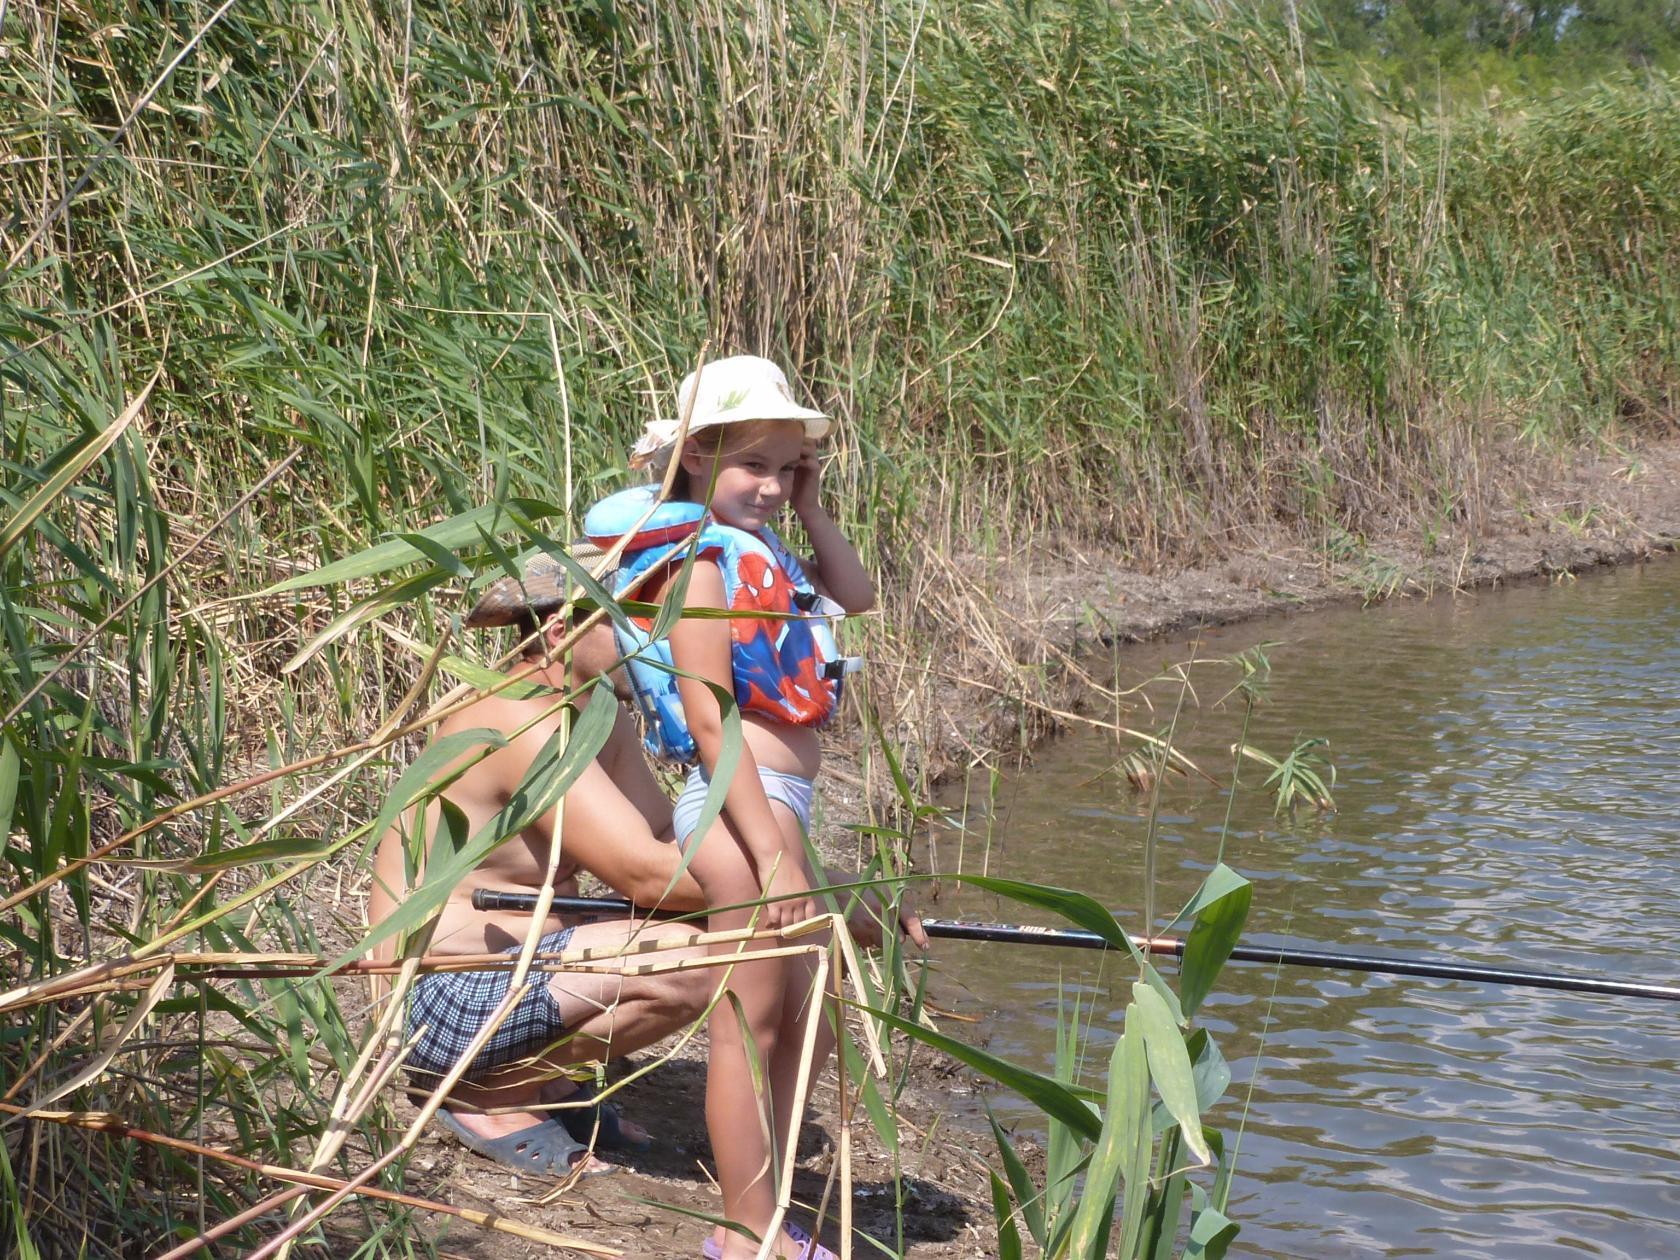 отпуск в деревне, это прежде всего рыбалка. Привет из отпуска!